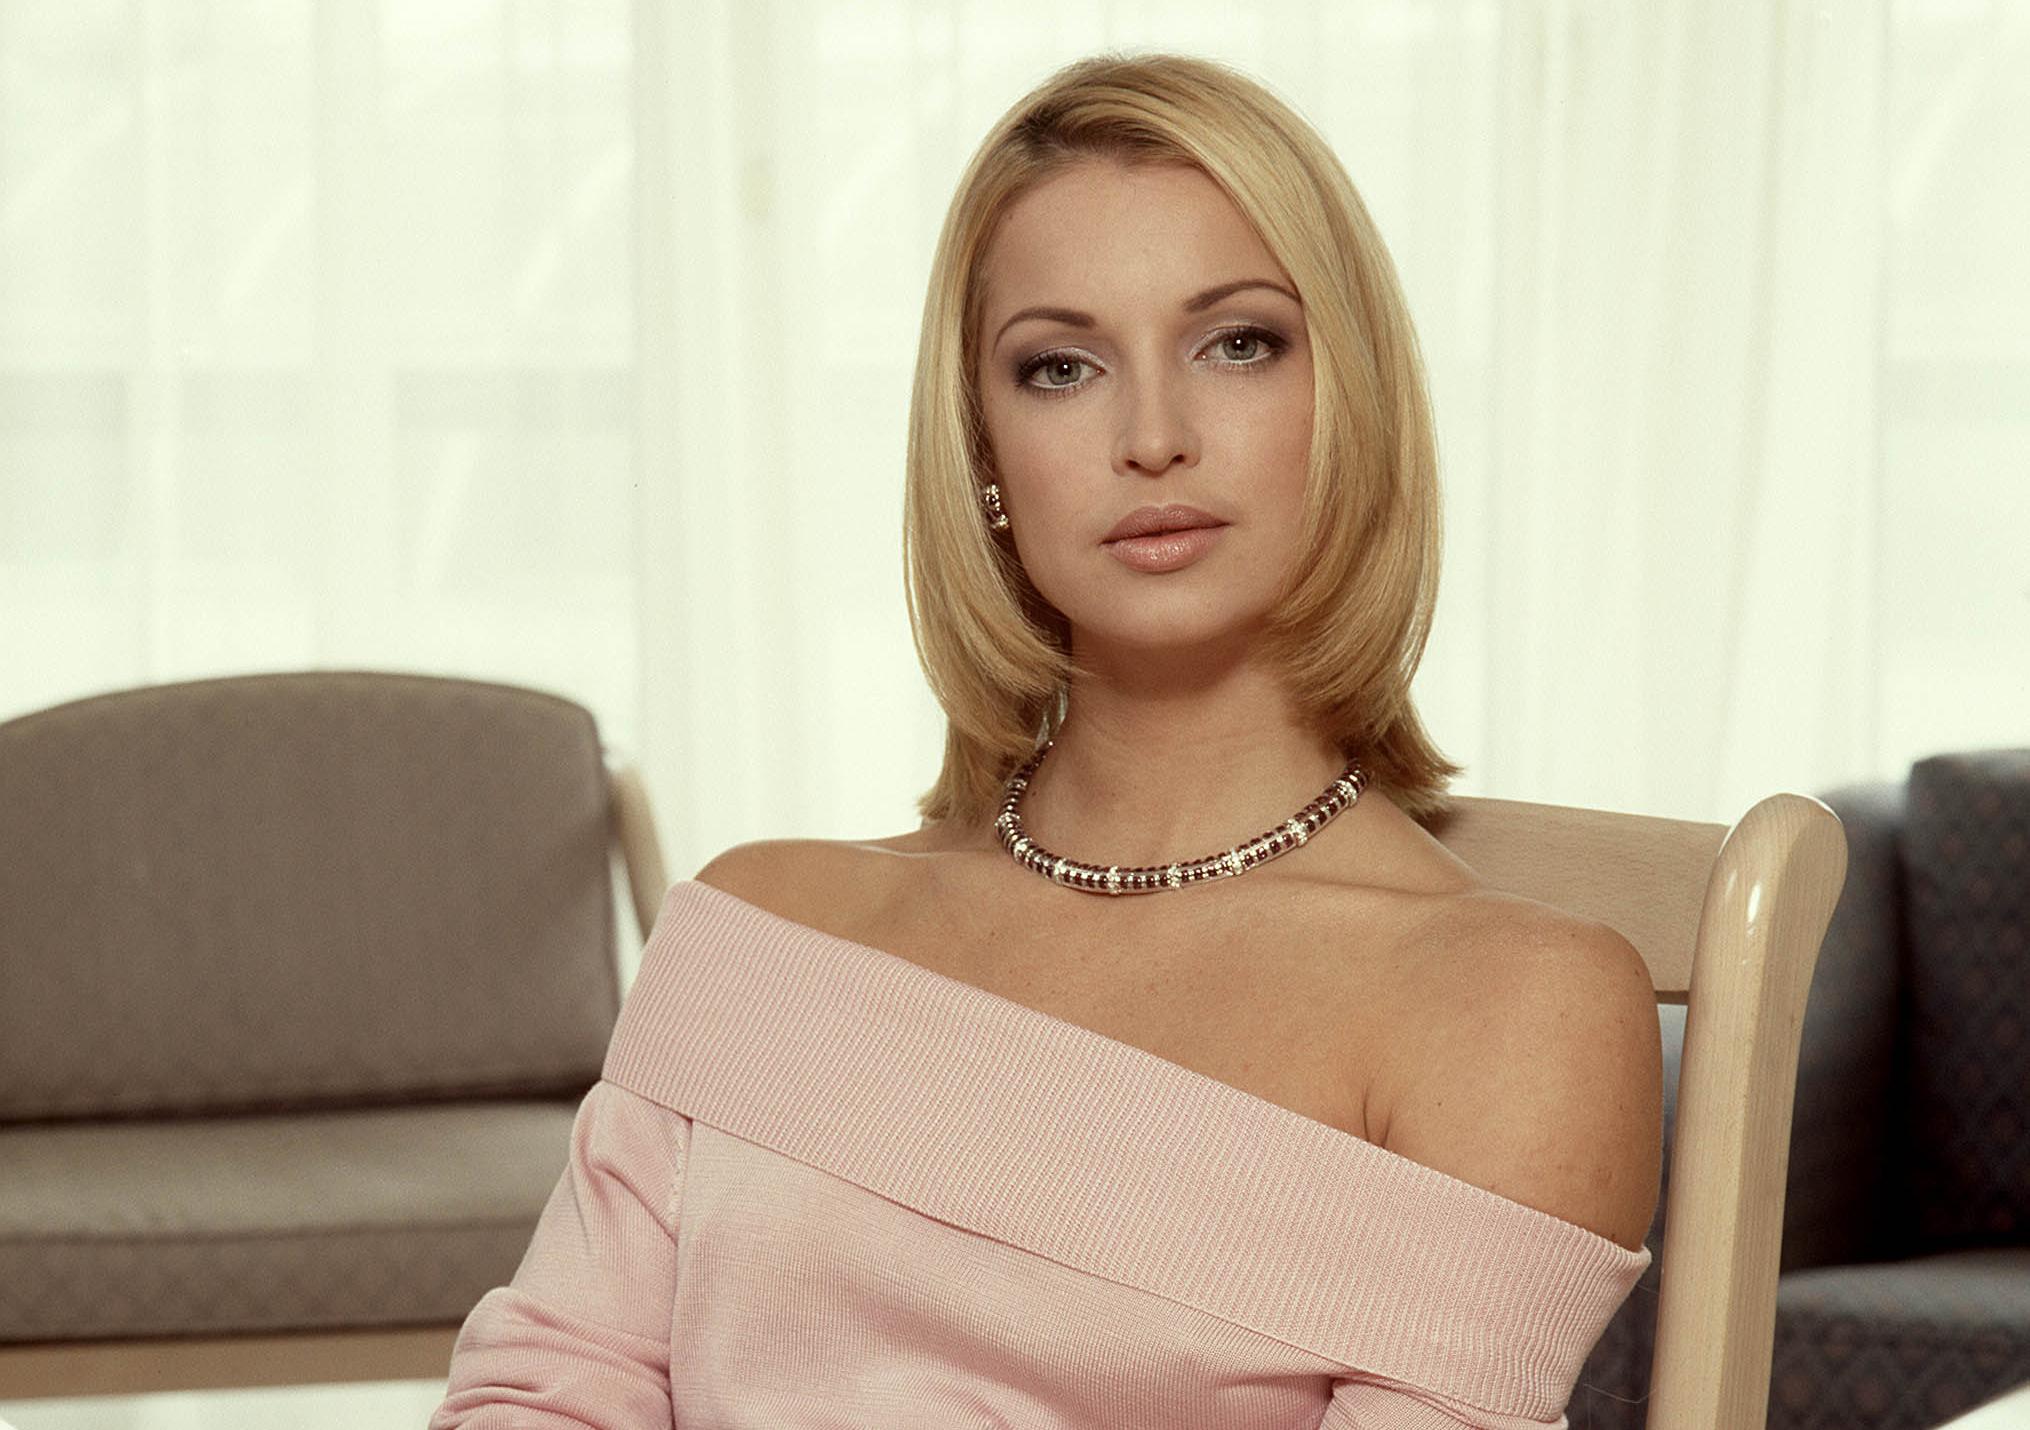 Анастасия Волочкова снова переборщила с фотошопом